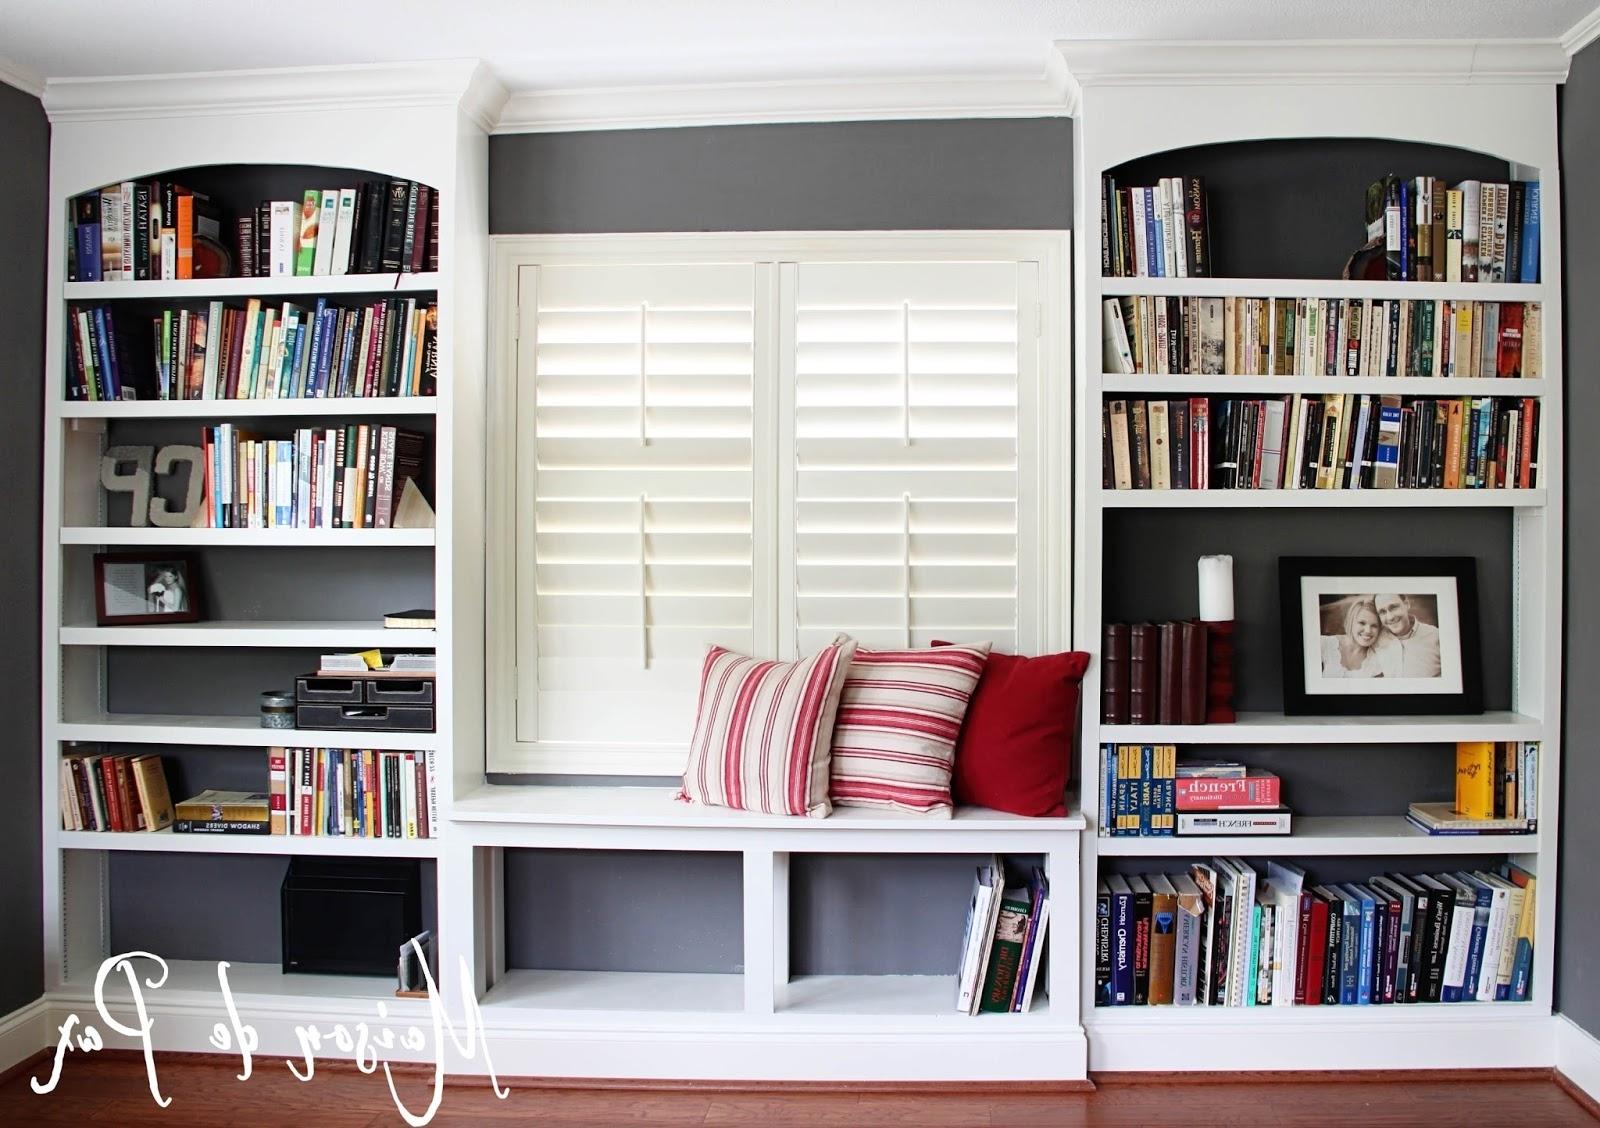 Built In Bookshelves Kits Intended For Current Diy Built In Bookshelves – Maison De Pax (View 4 of 15)